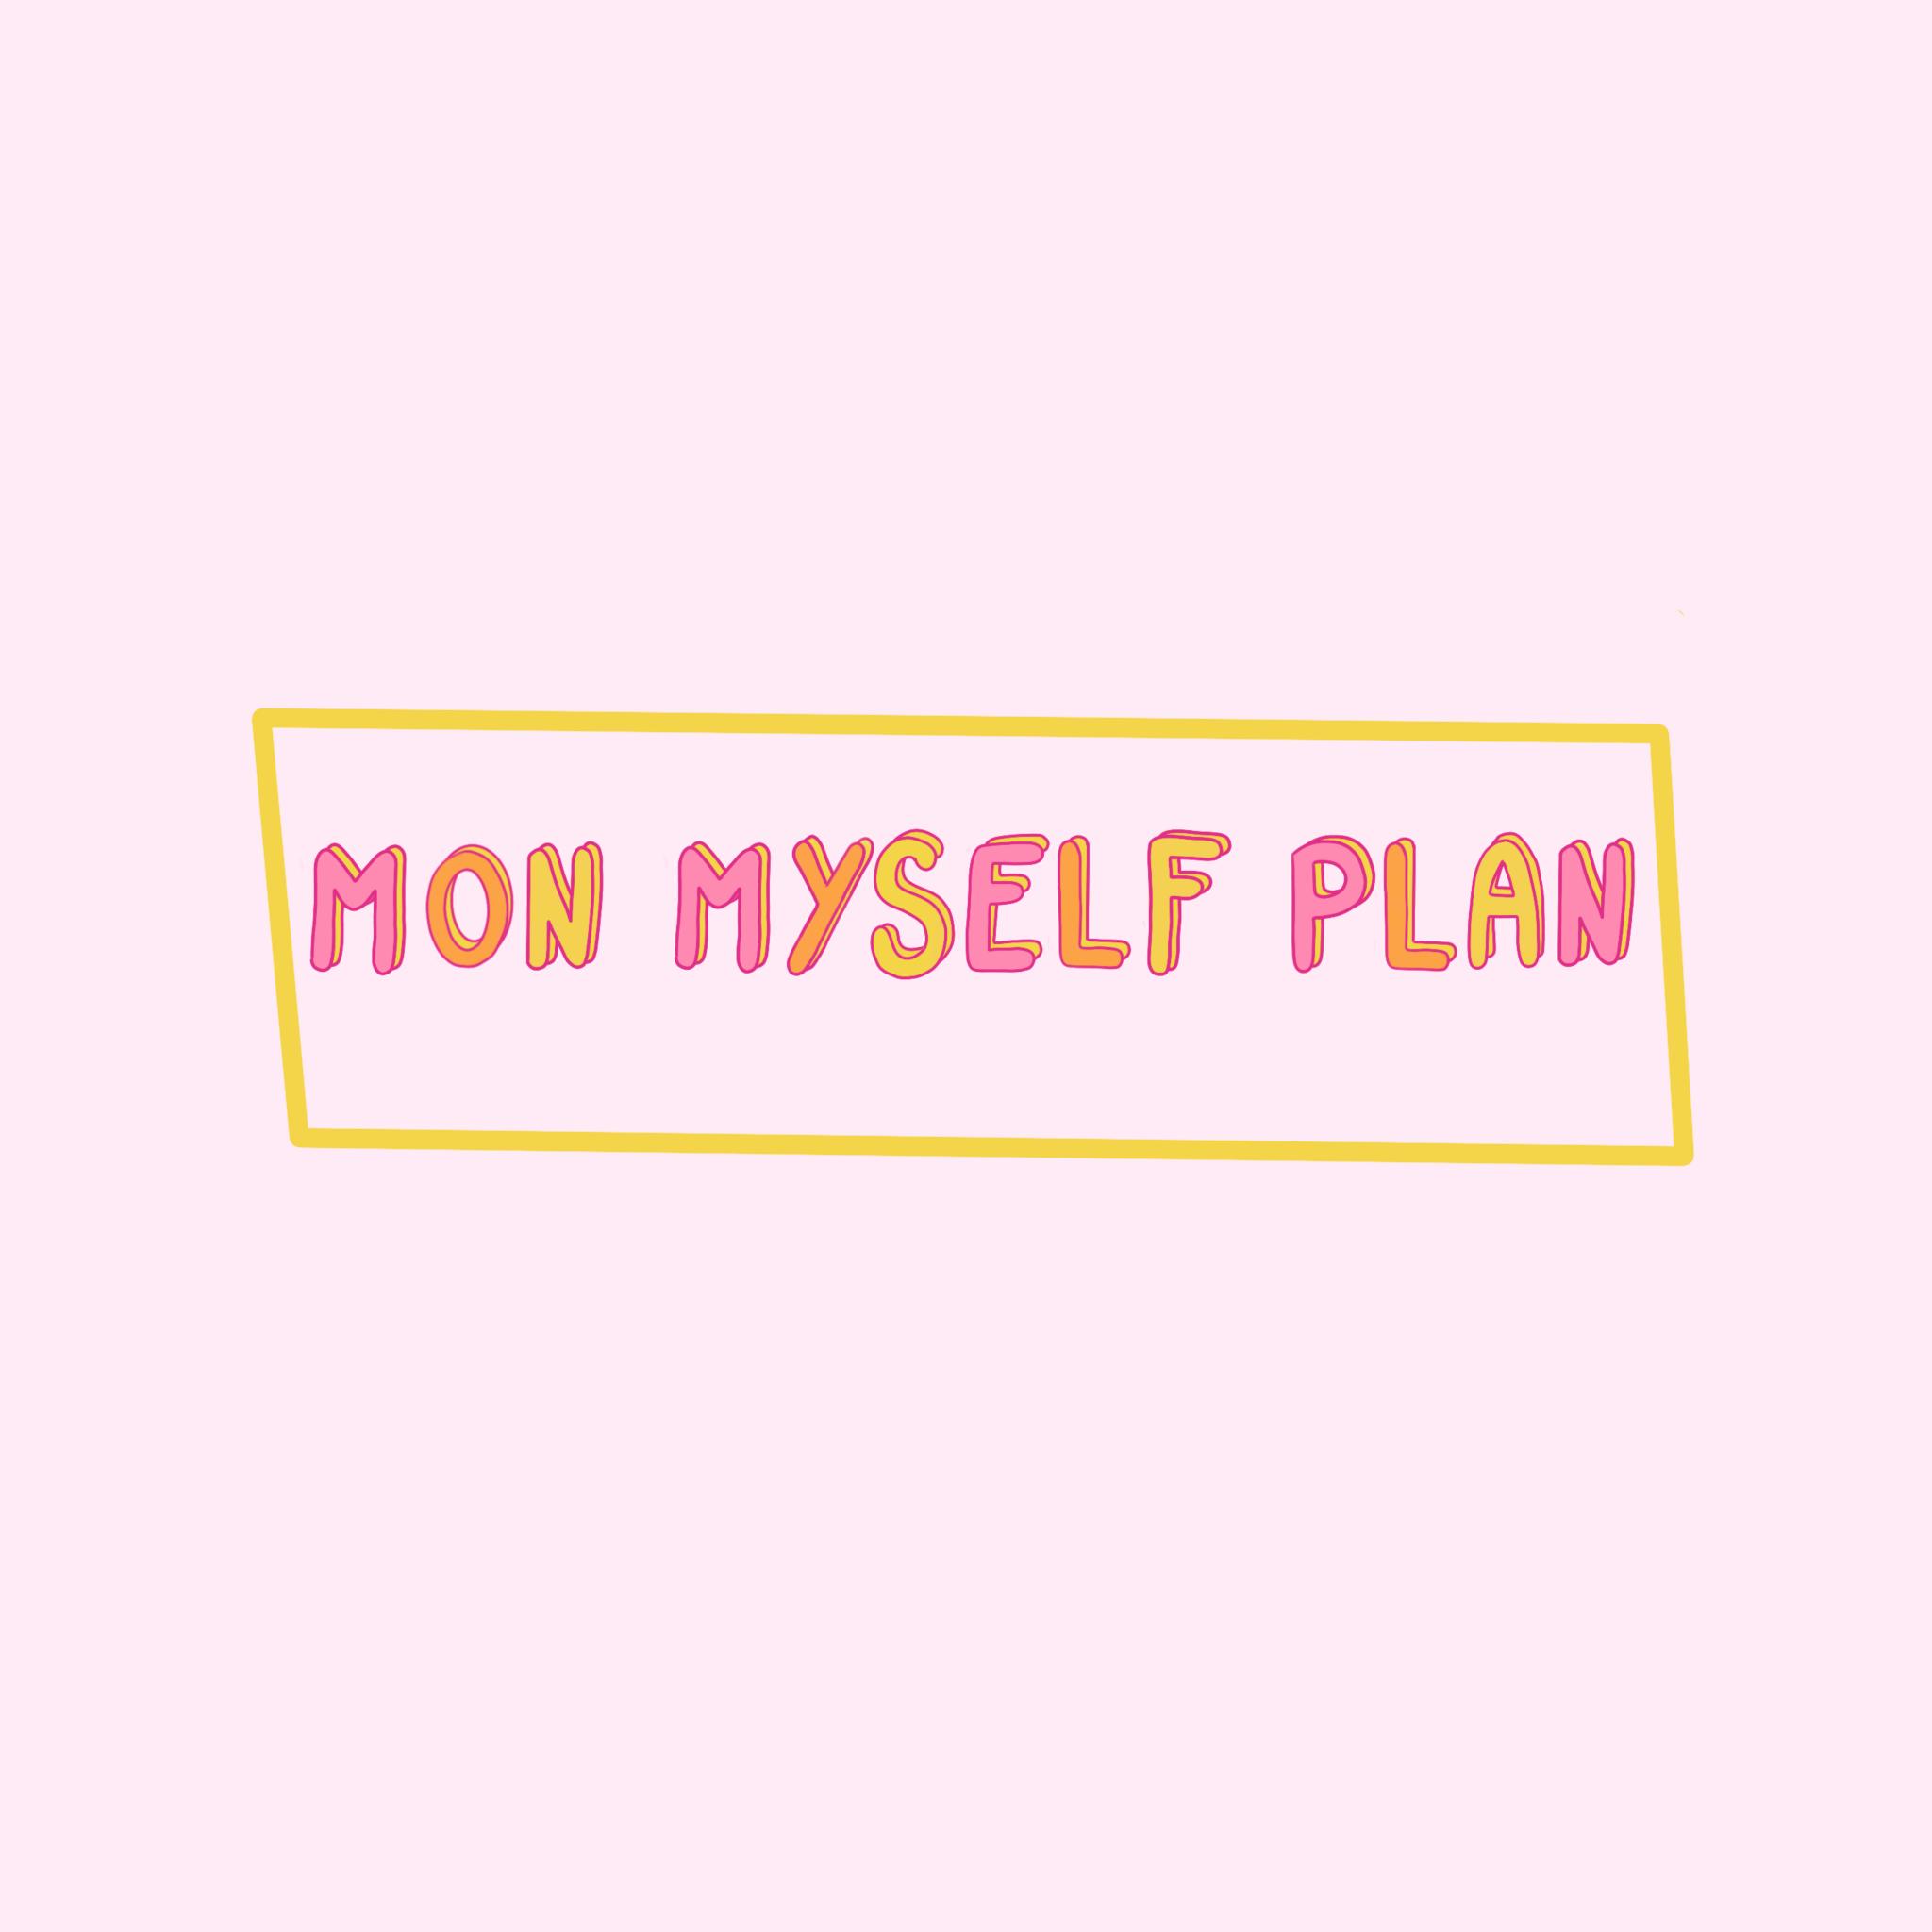 Deviens acteur de ta vie! - Obtiens ton MYSELF PLAN gratuitement pour t'aider à définir tes objectifs personnels et prendre ta vie en main.